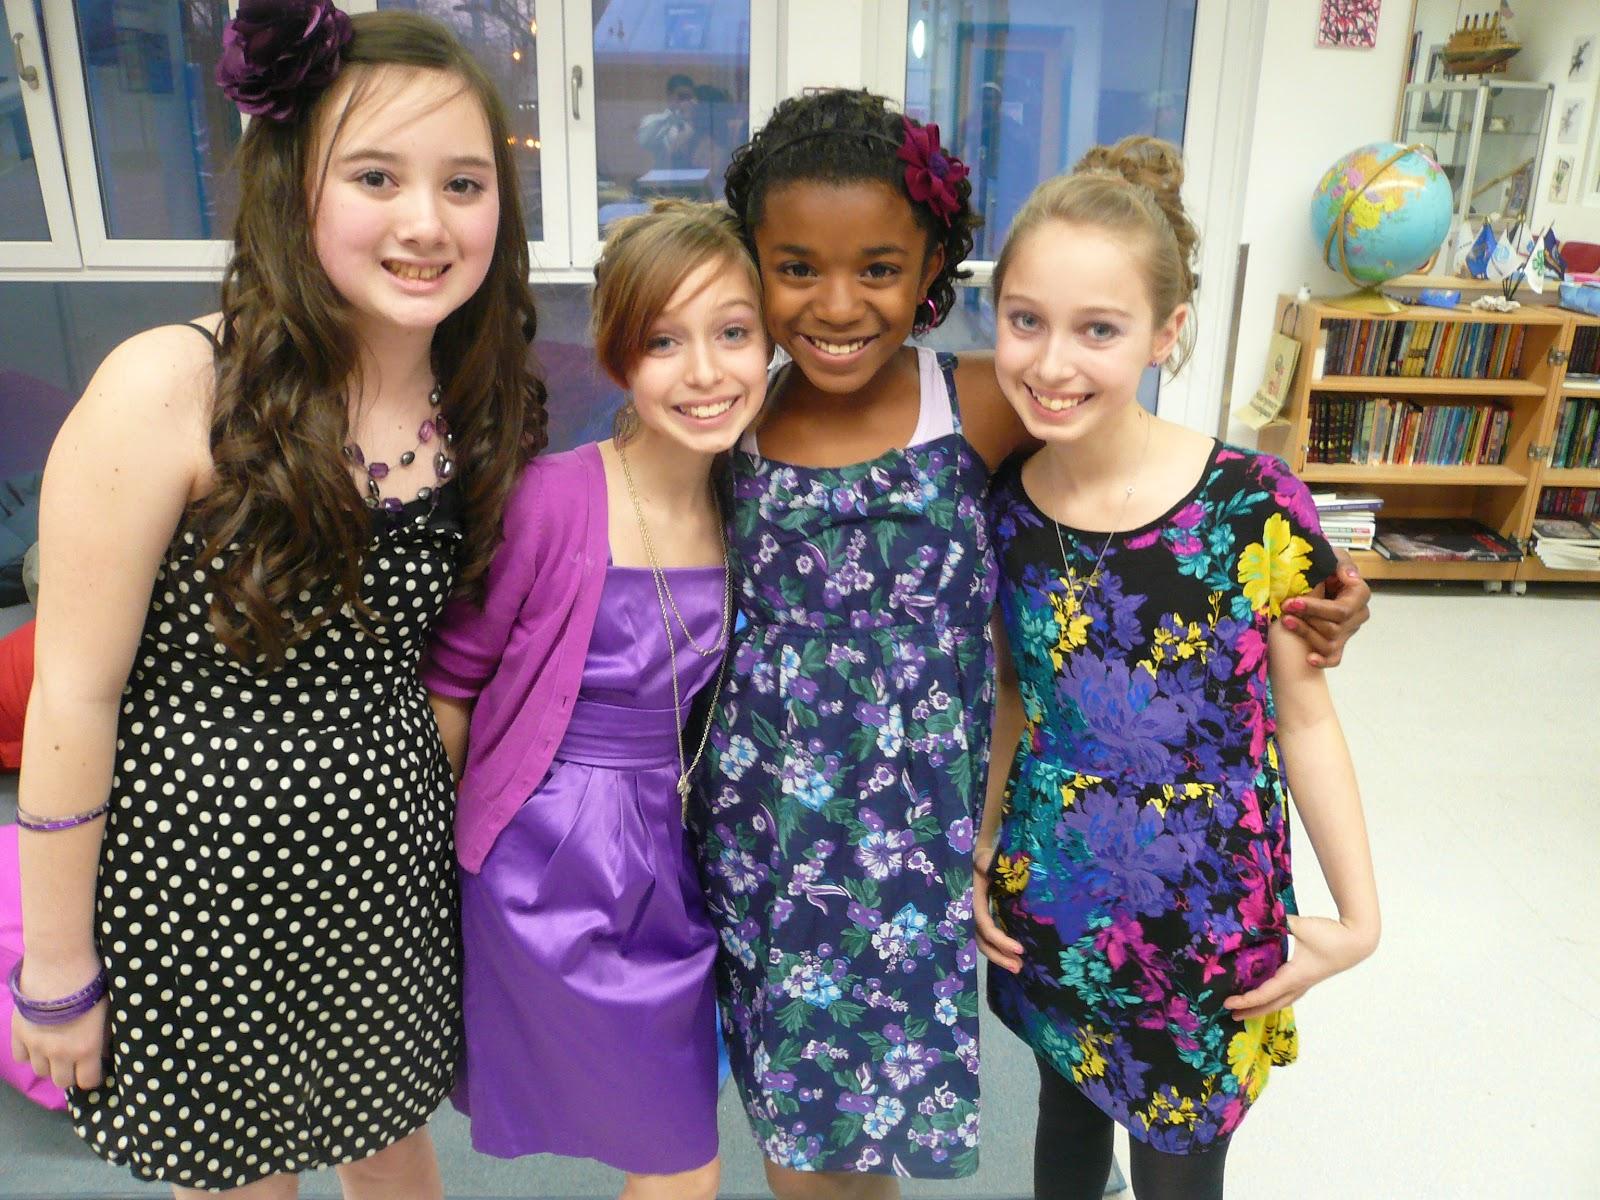 Pin 8th Grade Dance Dresses Bright Orange Image Search ...